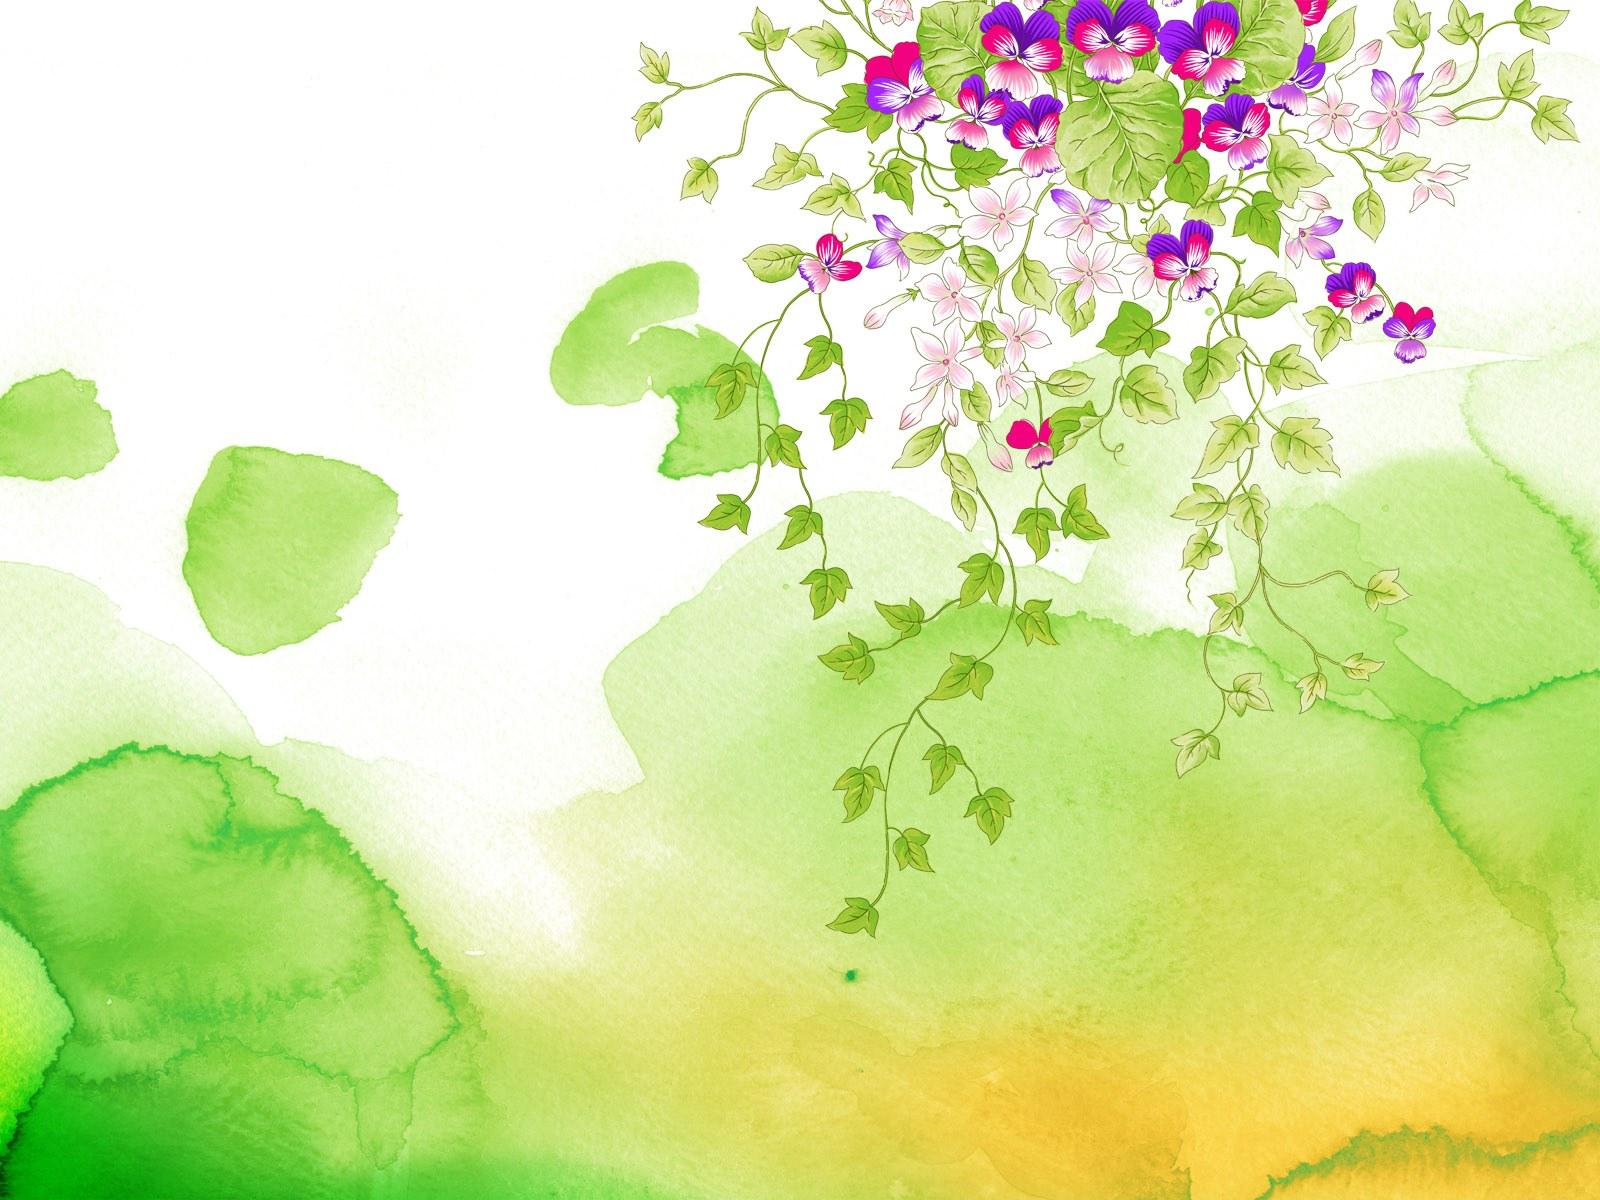 漂亮的手绘油画花蝴蝶背景素材(13p)[中国photoshop